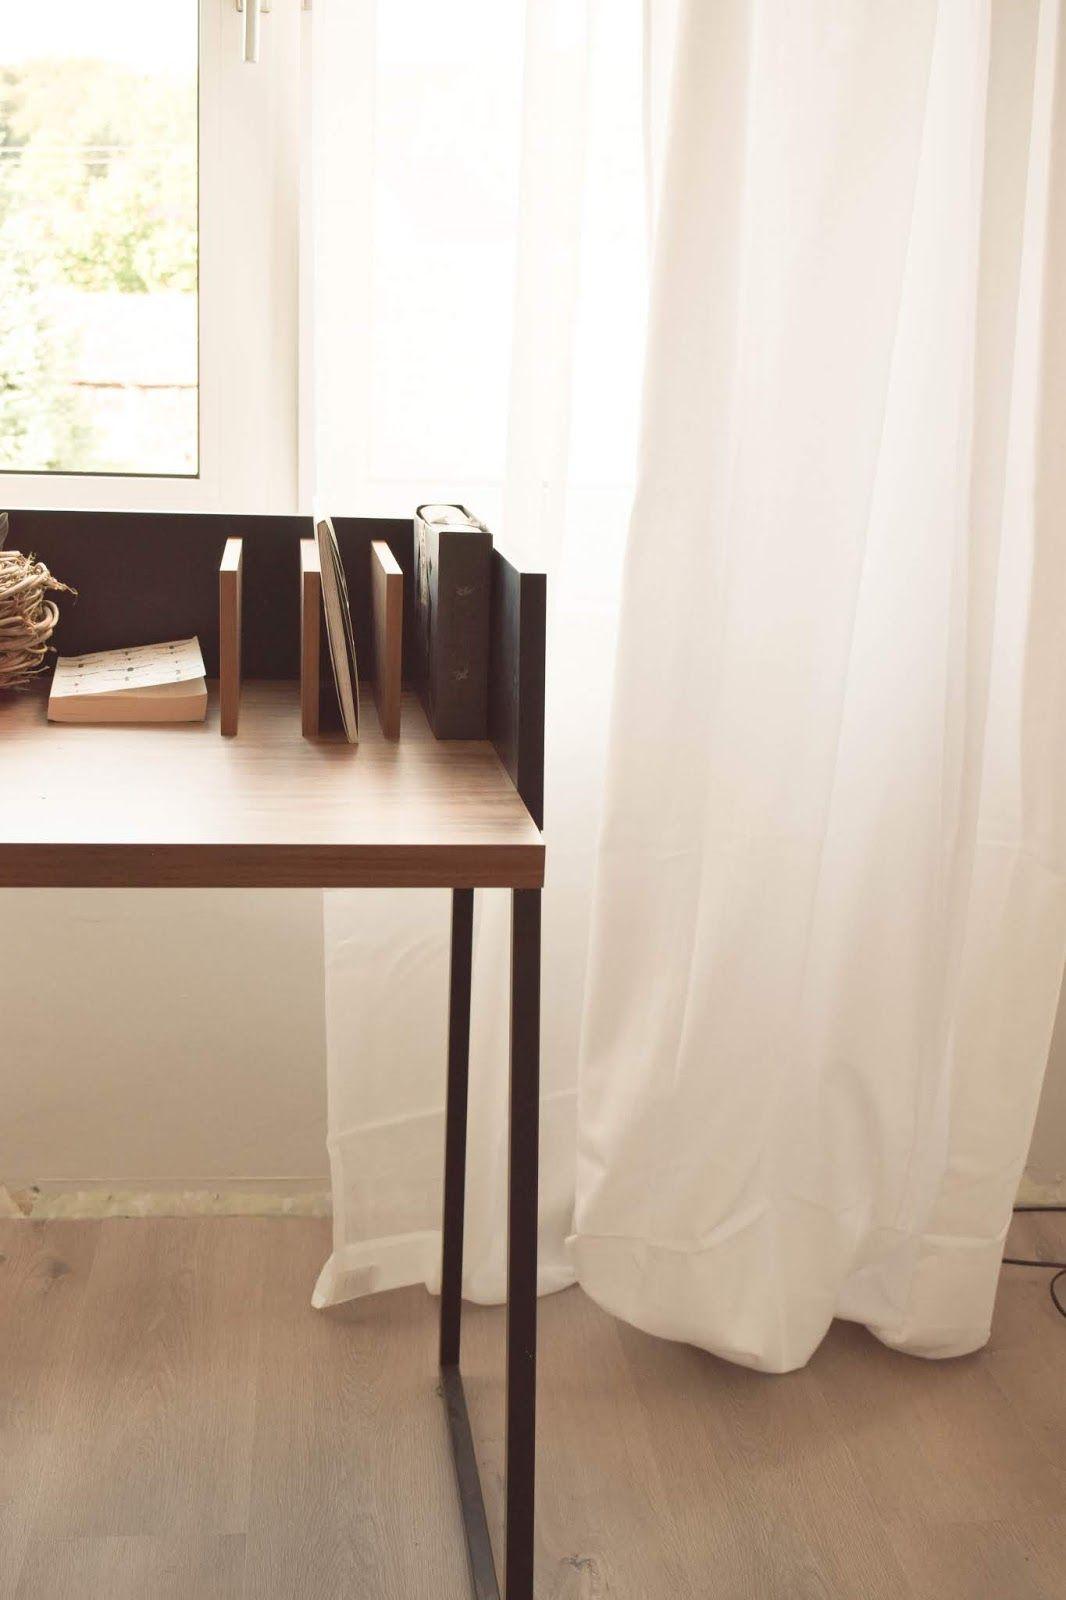 Interior Einrichtung Vorhang Schlafzimmer Blickdicht Schreibtisch Filigran  Deko Dekoidee Stilvoll Schlicht Einrichten